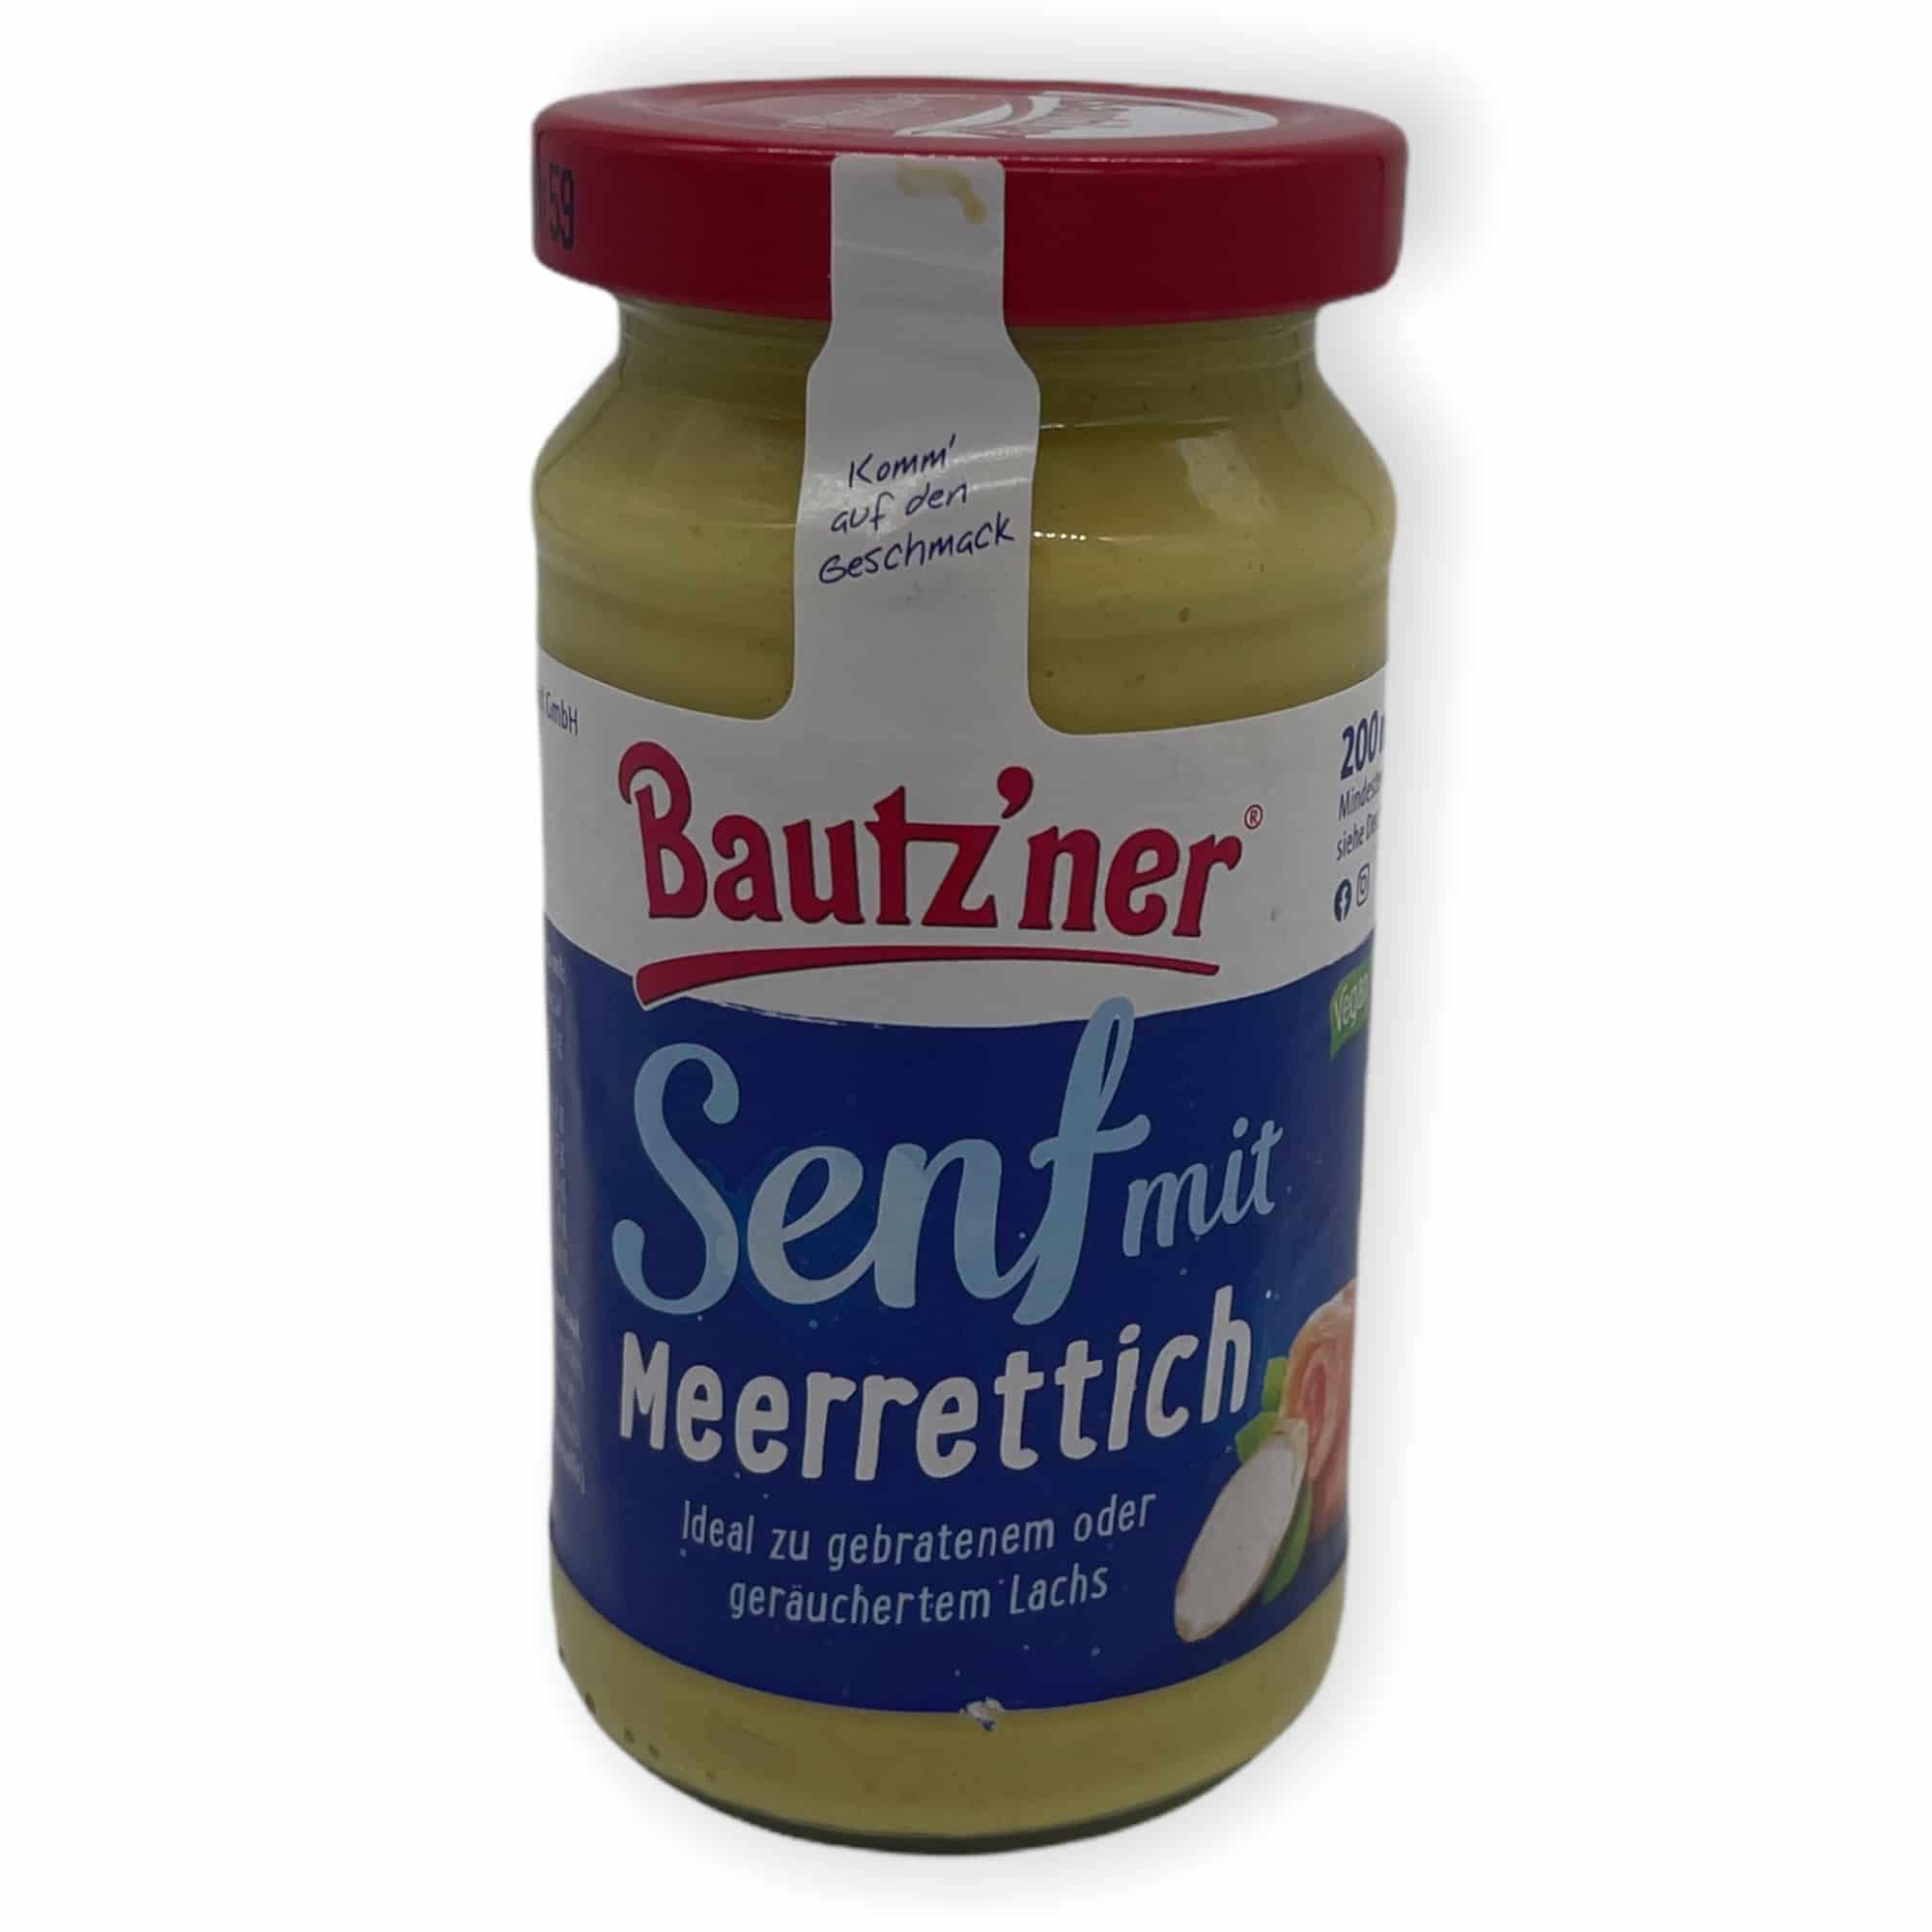 Bautz'ner Senf mit Meerrettich 200 ml